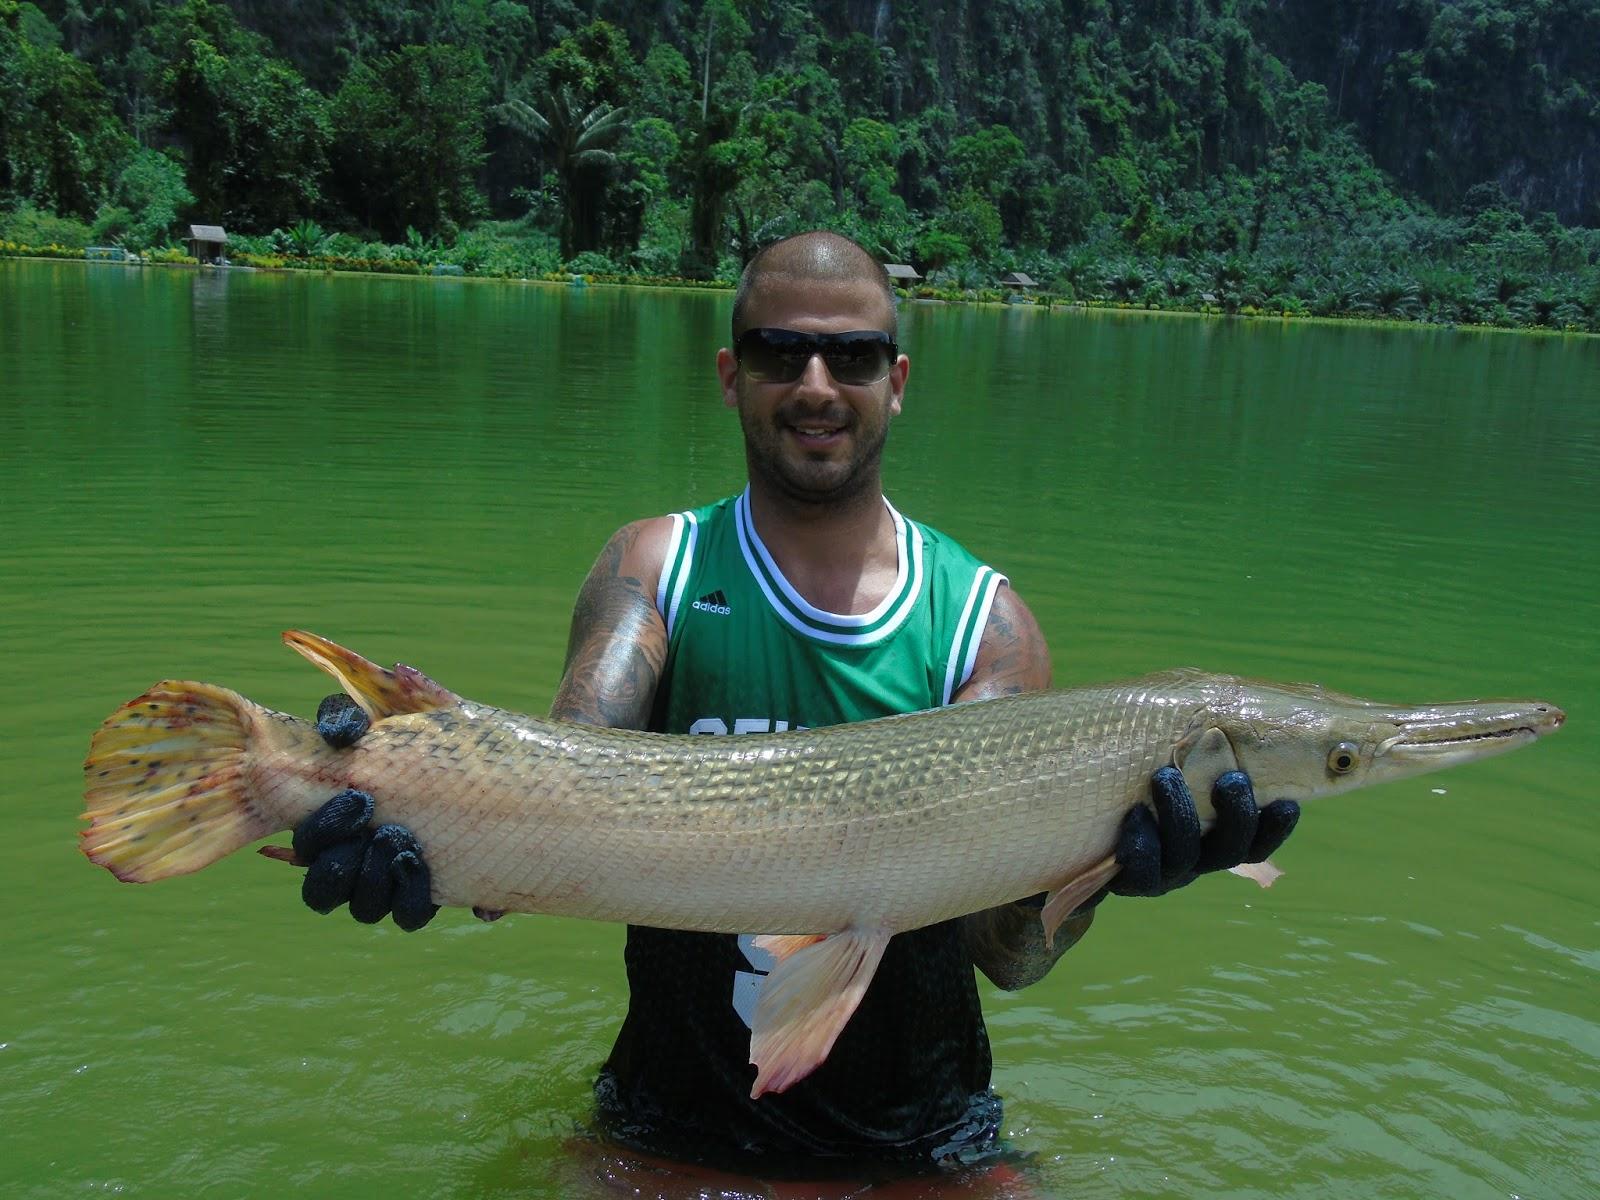 экзотическая рыбная ловля